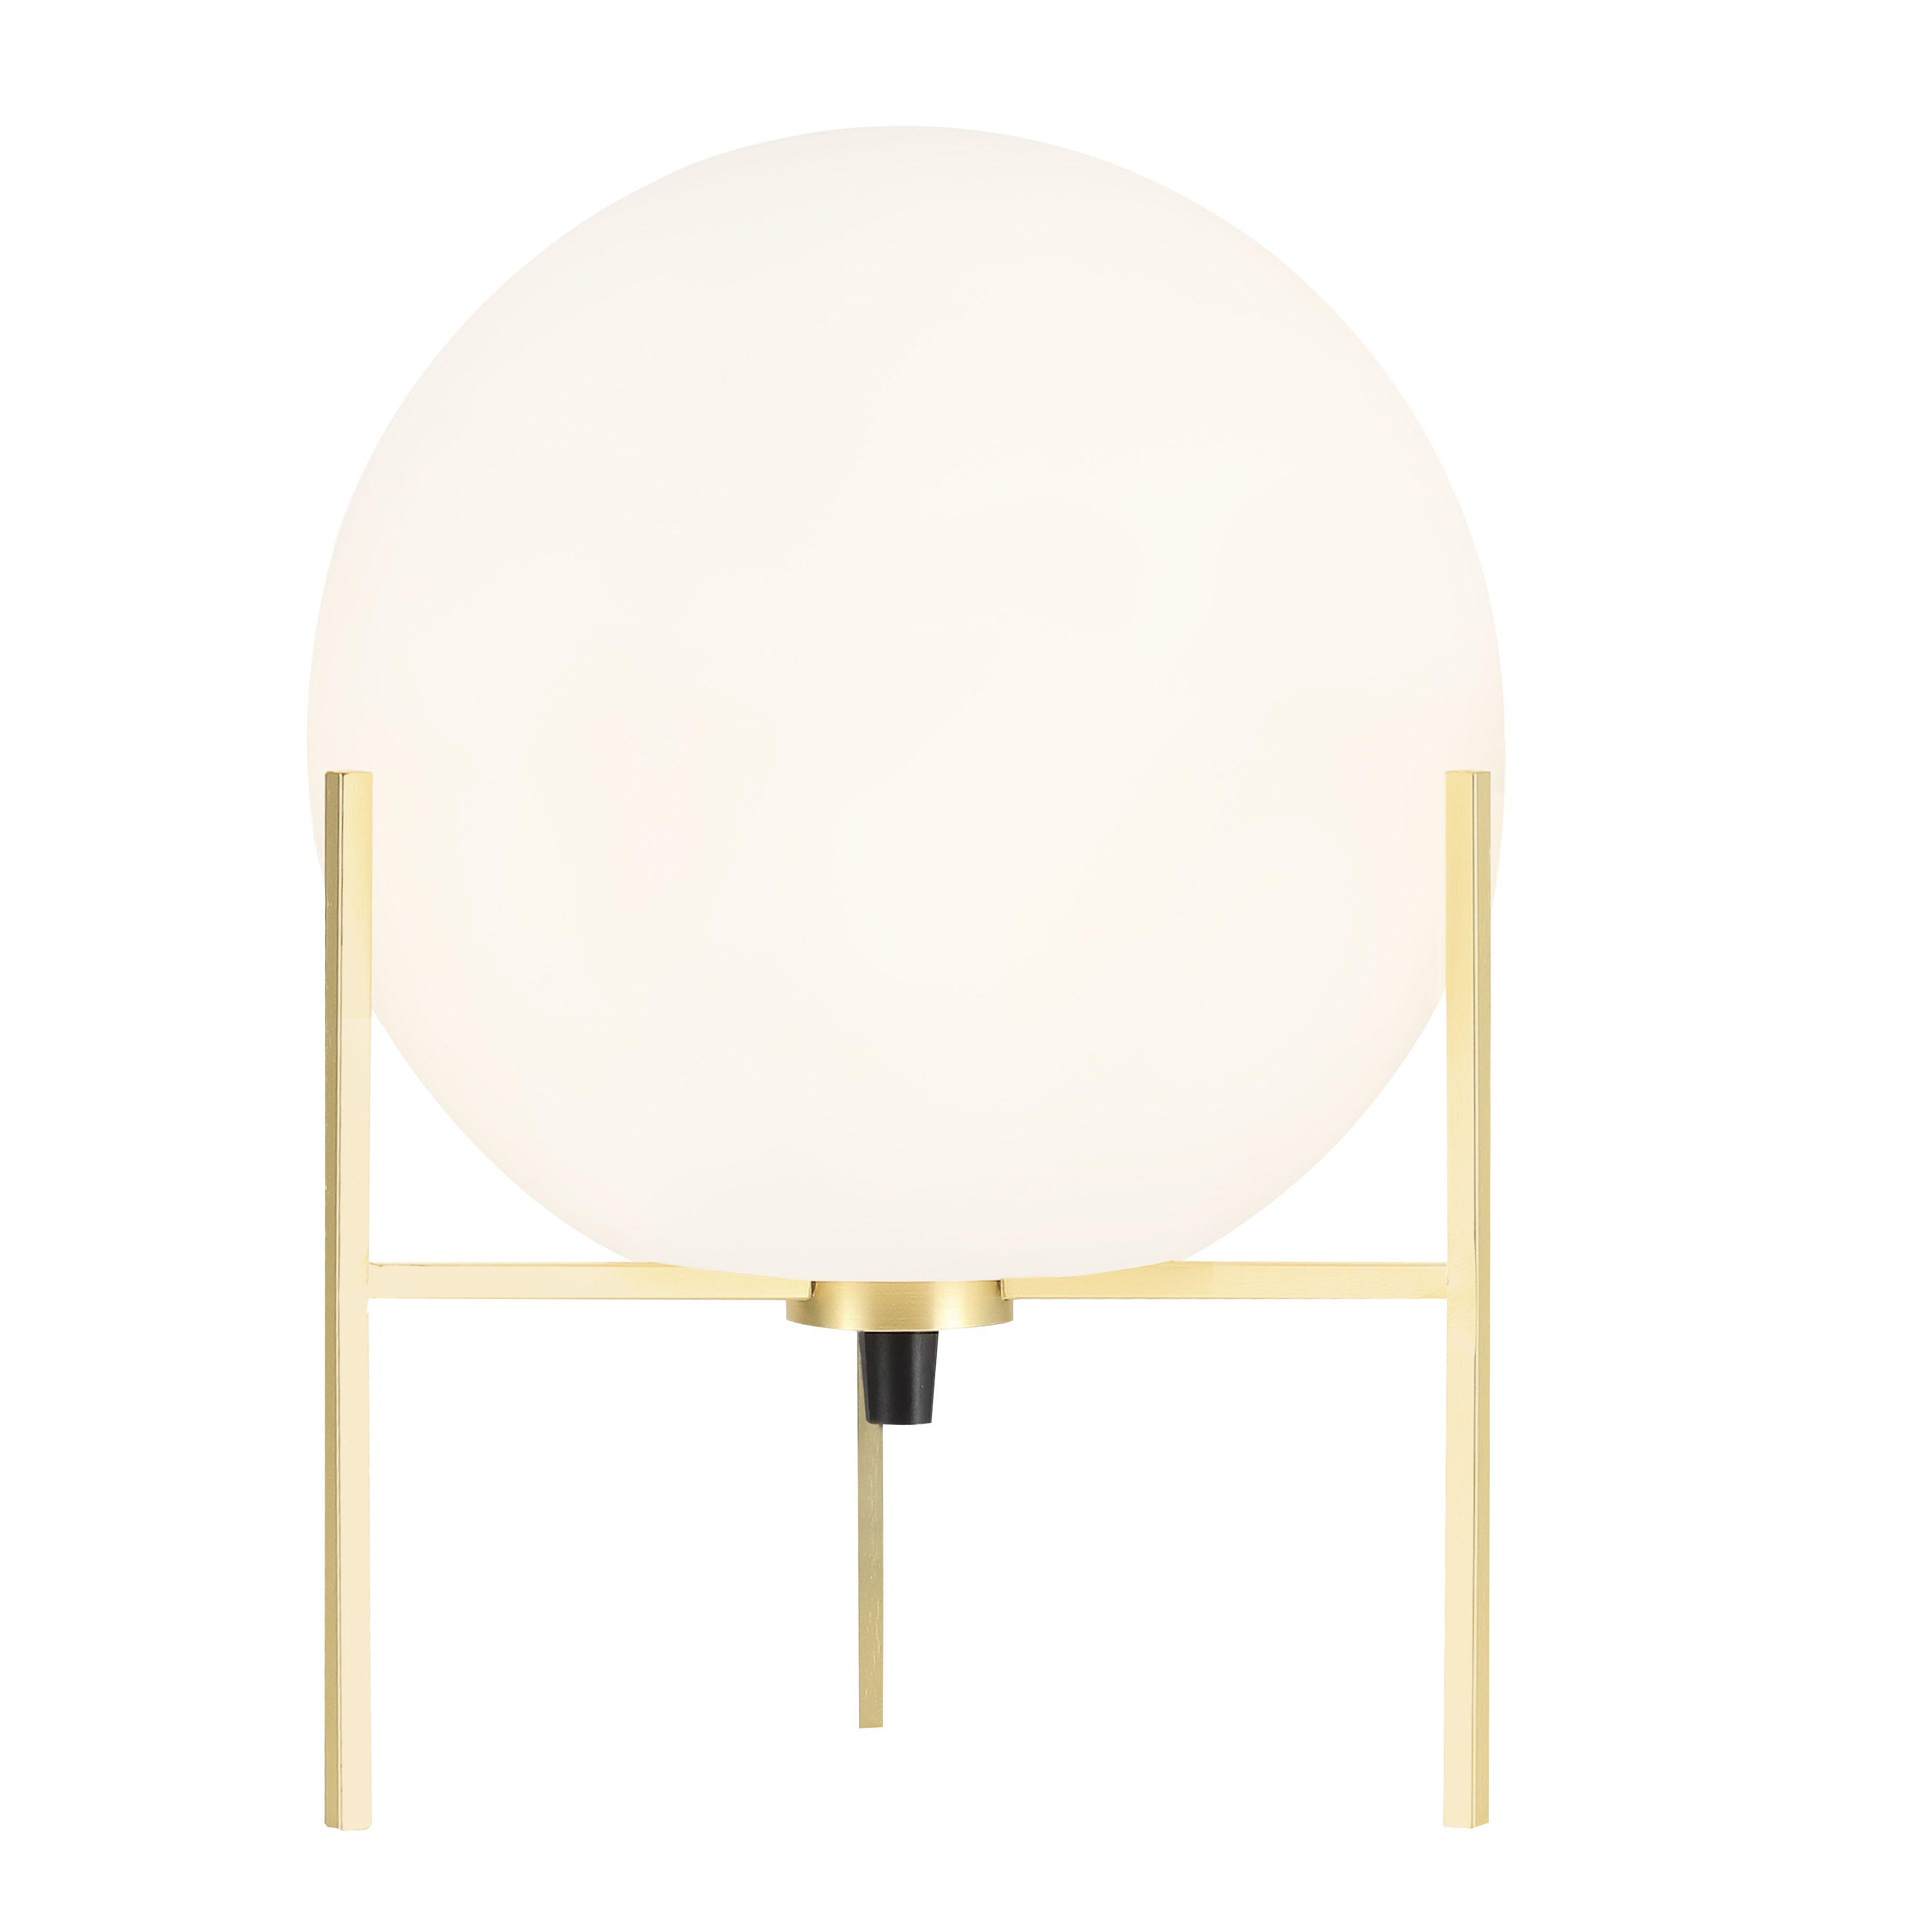 Lampe De Table Cable Tisse Blanc Lampes De Table Lampe De Table Blanche Lampe De Table Moderne